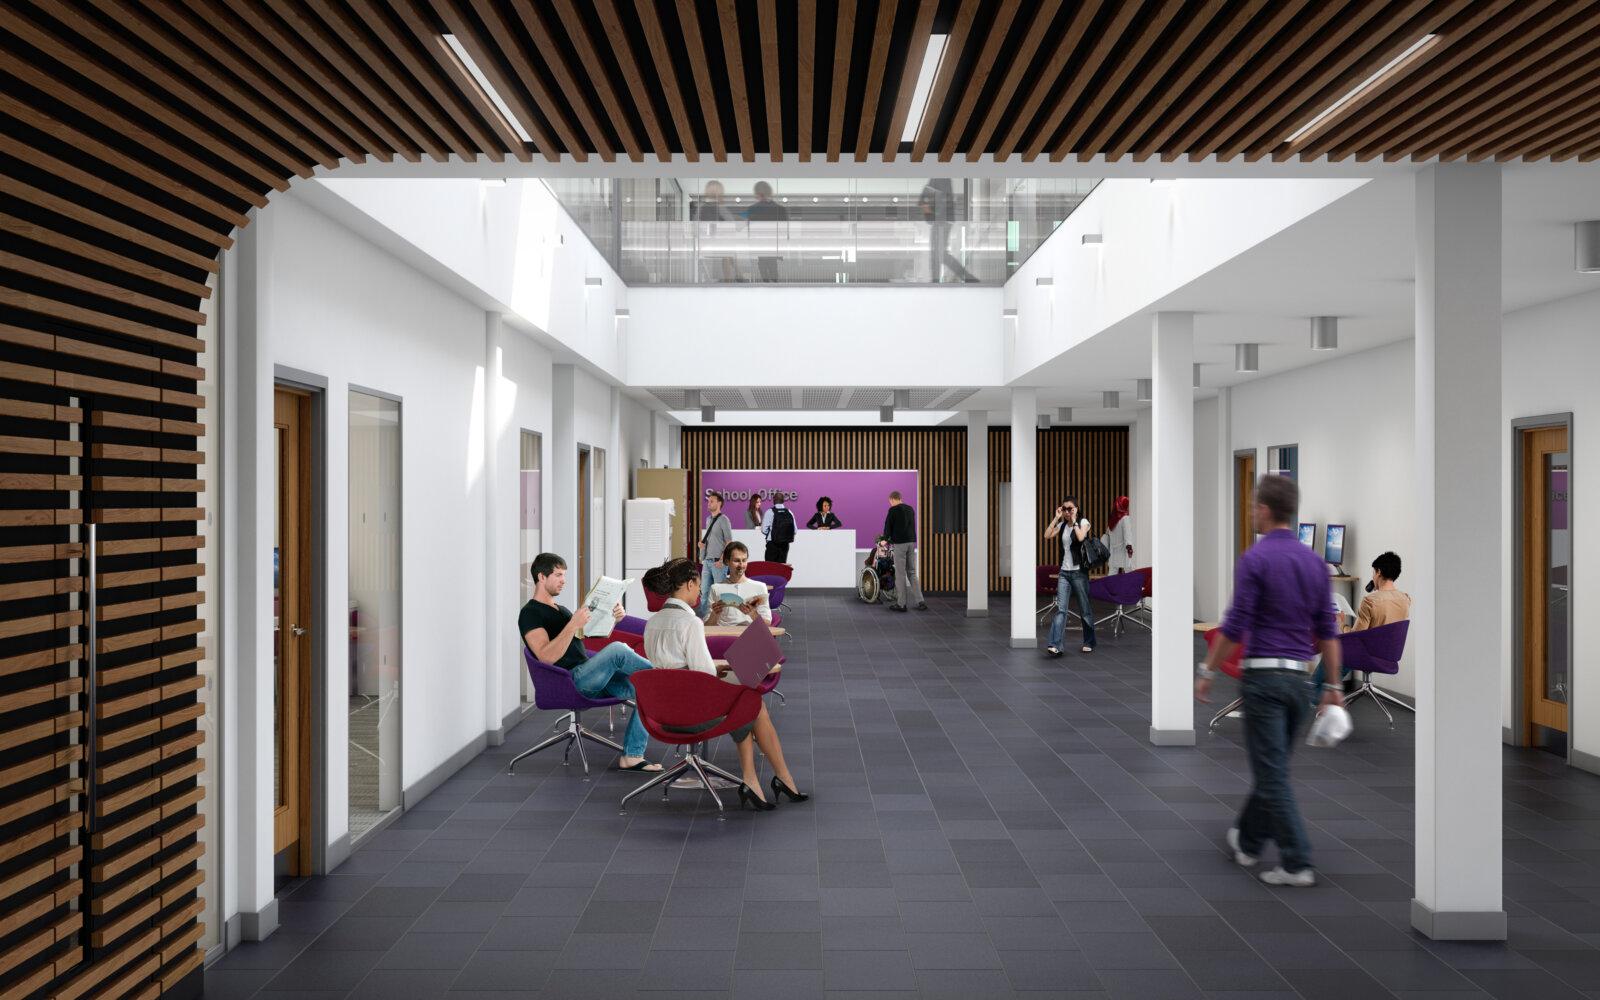 University of Sussex interior